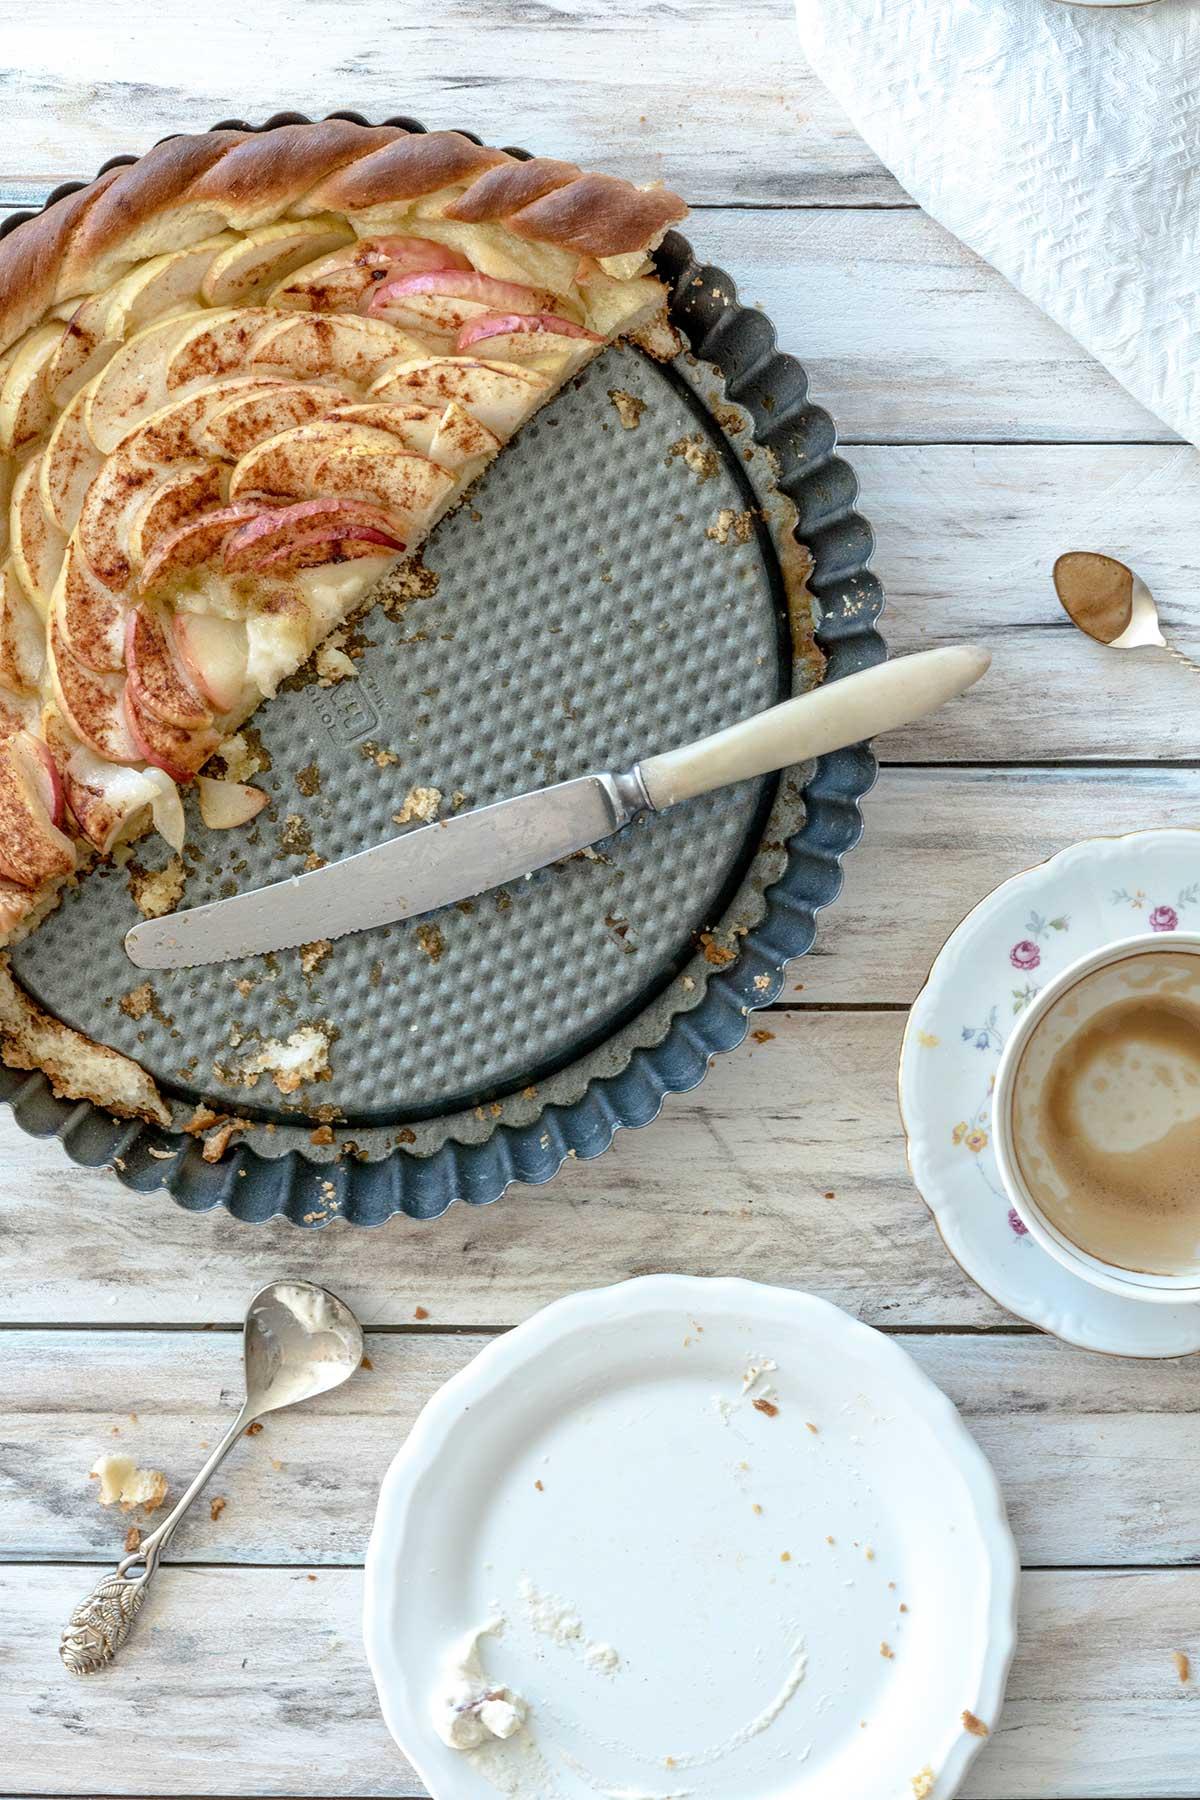 Angeschnittener Apfelkuchen mit Messer